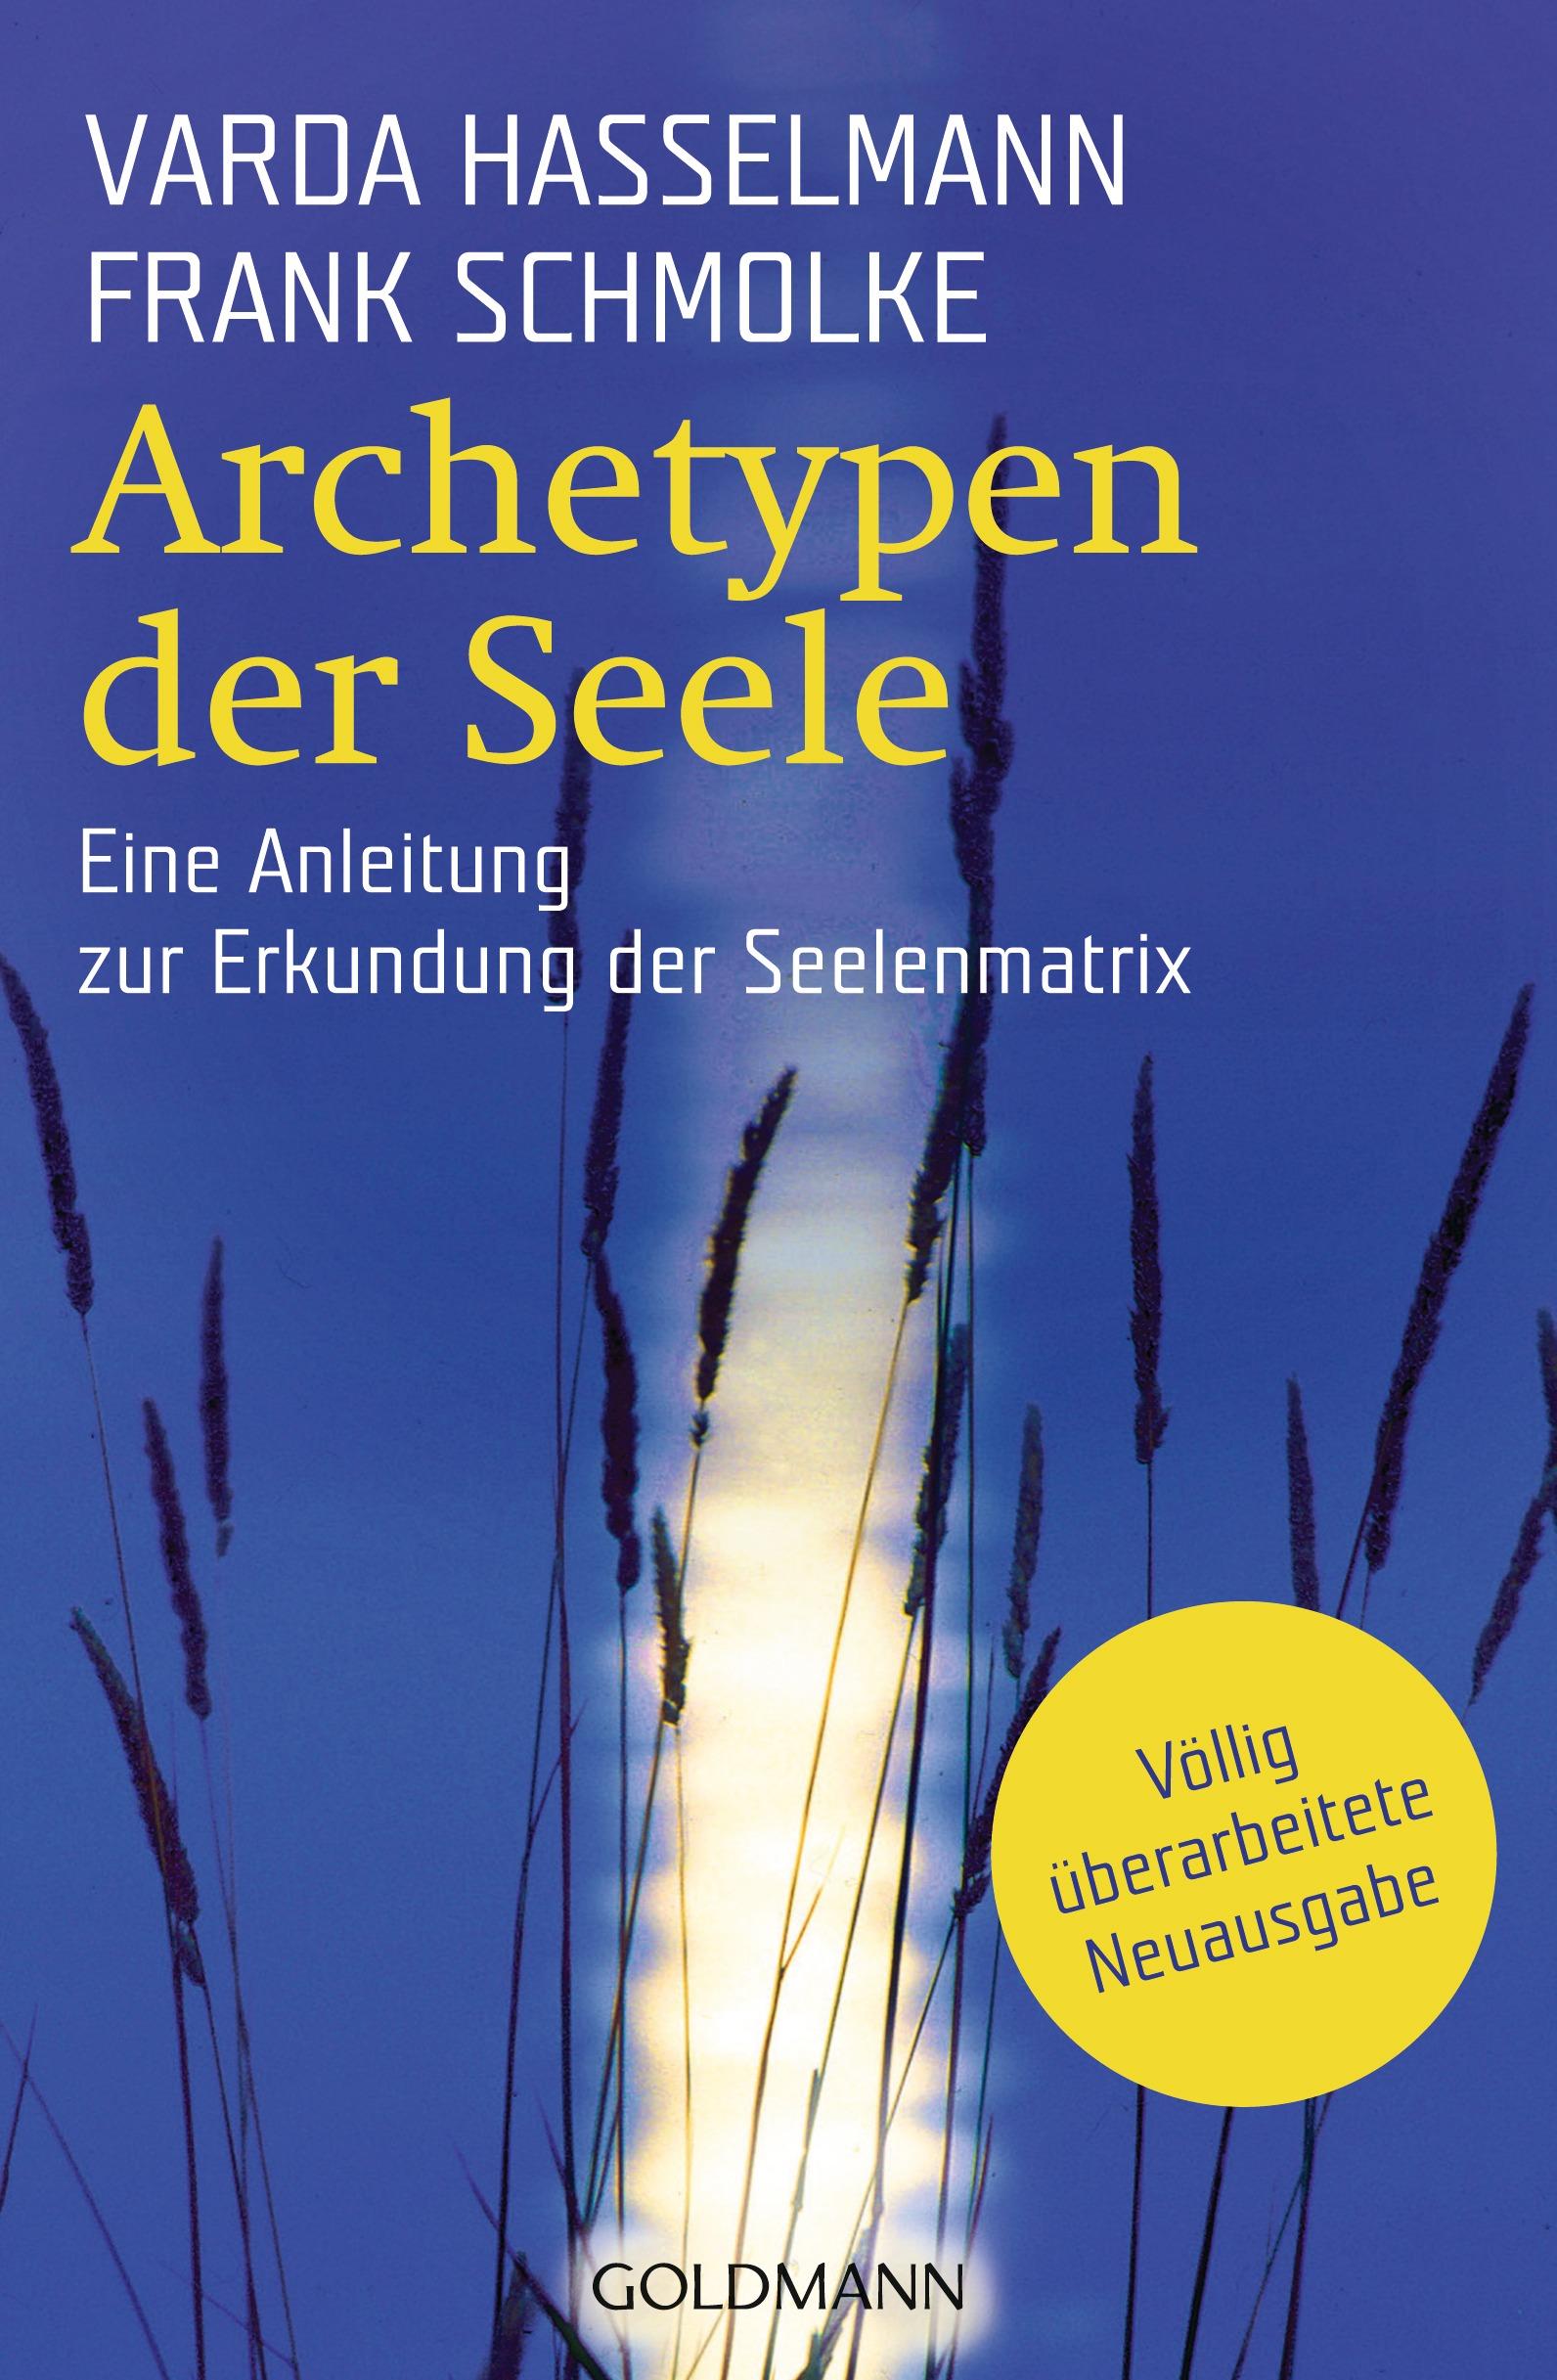 Archetypen der Seele: Die seelischen Grundmuster - Eine Anleitung zur Erkundung der Matrix - Varda Hasselmann